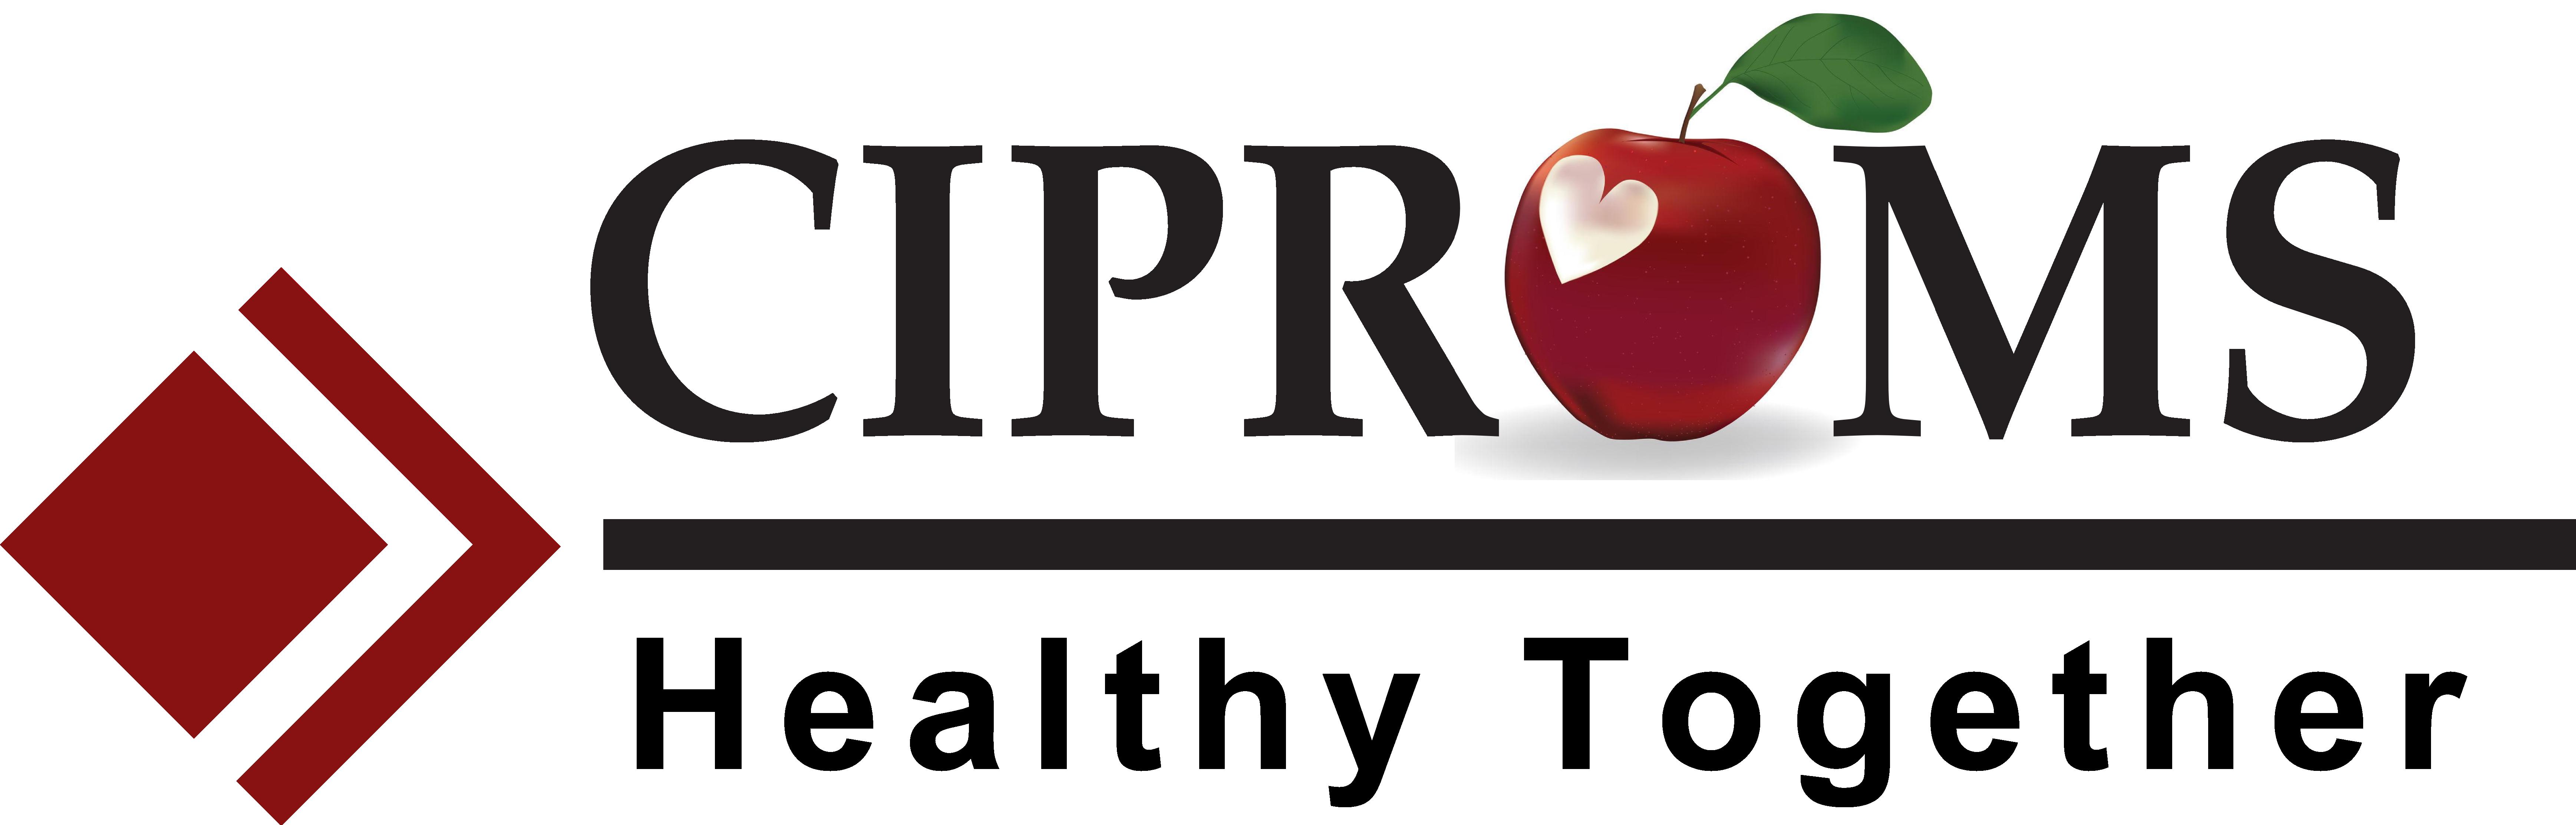 ciproms-healthy-together-logo-transparent-background